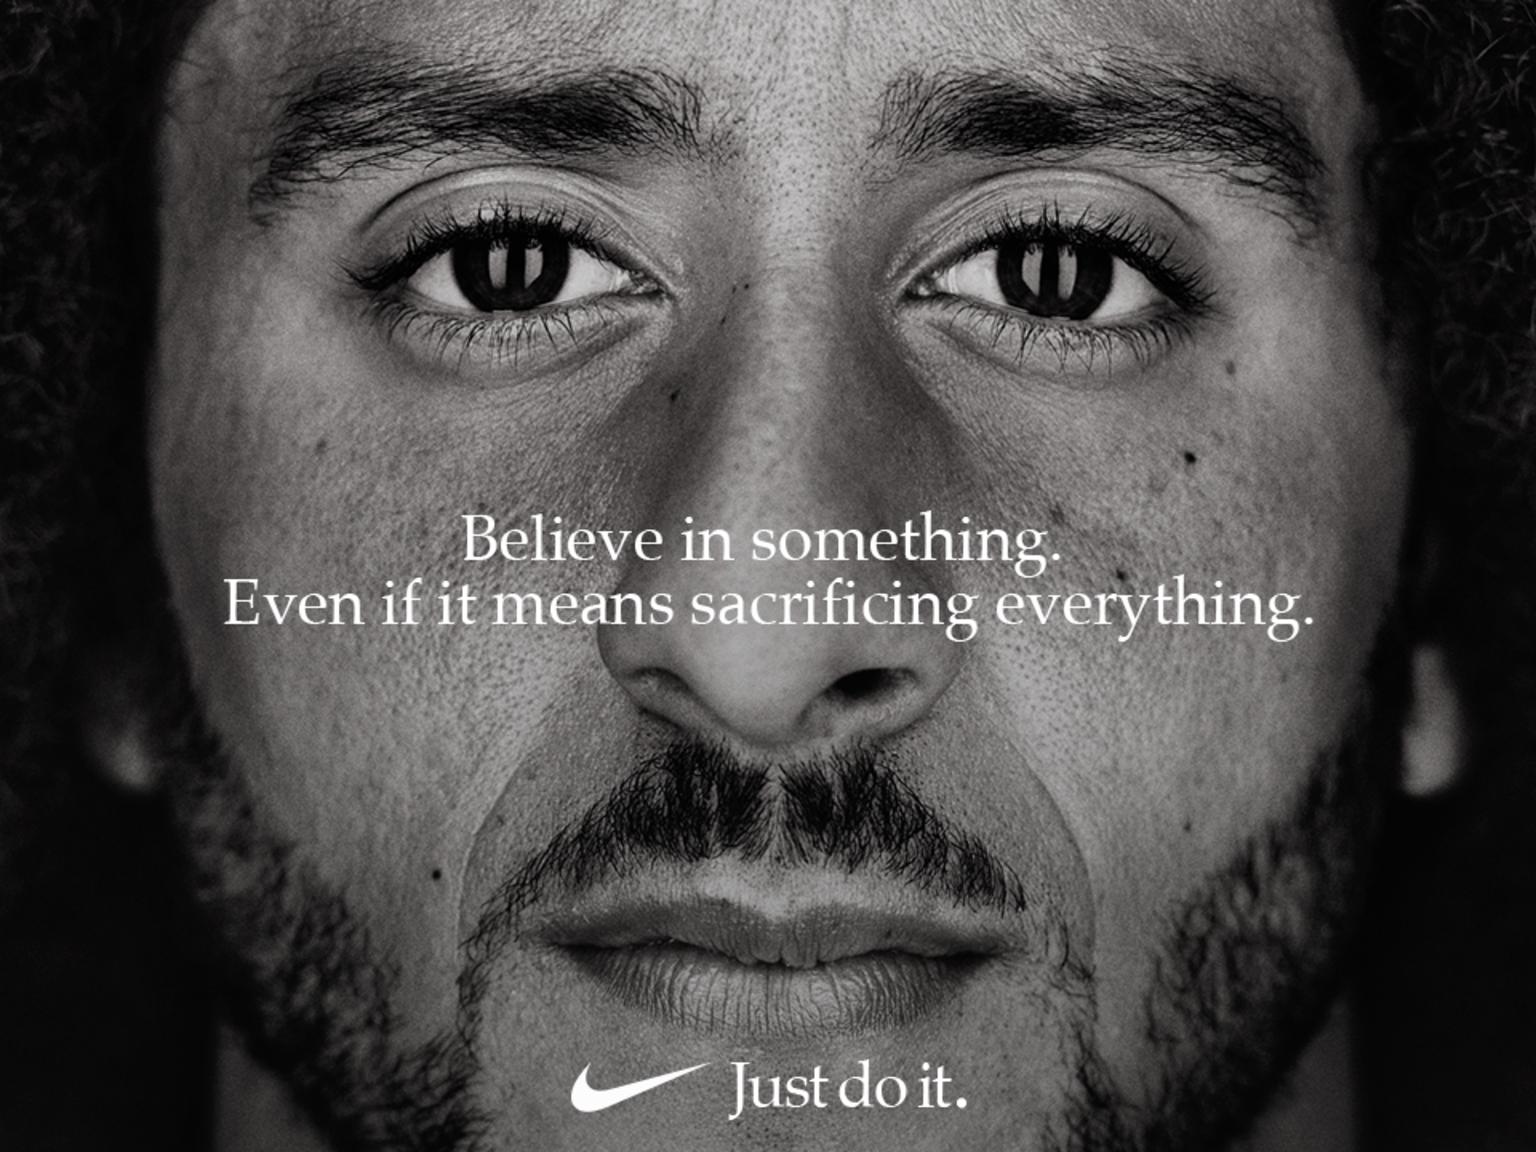 Colin Kaepernick - Nike - Just Do It